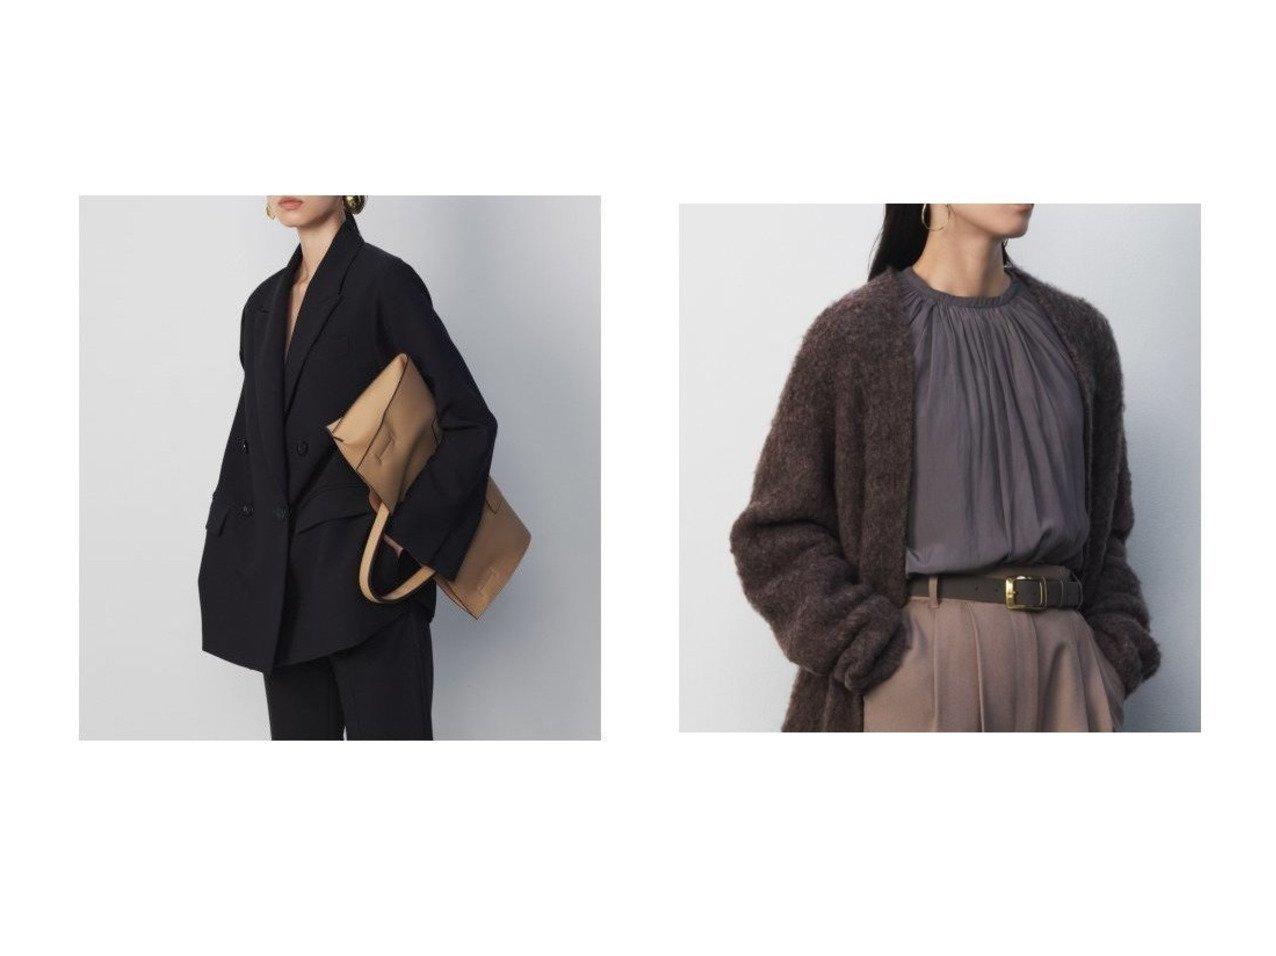 【Mila Owen/ミラオーウェン】の袖ボリュームヴィンテージブラウス&3点SETスーツジャケット Mila Owenのおすすめ!人気、トレンド・レディースファッションの通販 おすすめで人気の流行・トレンド、ファッションの通販商品 メンズファッション・キッズファッション・インテリア・家具・レディースファッション・服の通販 founy(ファニー) https://founy.com/ ファッション Fashion レディースファッション WOMEN アウター Coat Outerwear ジャケット Jackets テーラードジャケット Tailored Jackets スーツ Suits スーツ ジャケット Jacket トップス カットソー Tops Tshirt シャツ/ブラウス Shirts Blouses ジャケット スタンダード スマート スーツ セットアップ ダブル デニム トレンド ビッグ マニッシュ ロング 再入荷 Restock/Back in Stock/Re Arrival イエロー ウォッシャブル ギャザー ヴィンテージ |ID:crp329100000019934